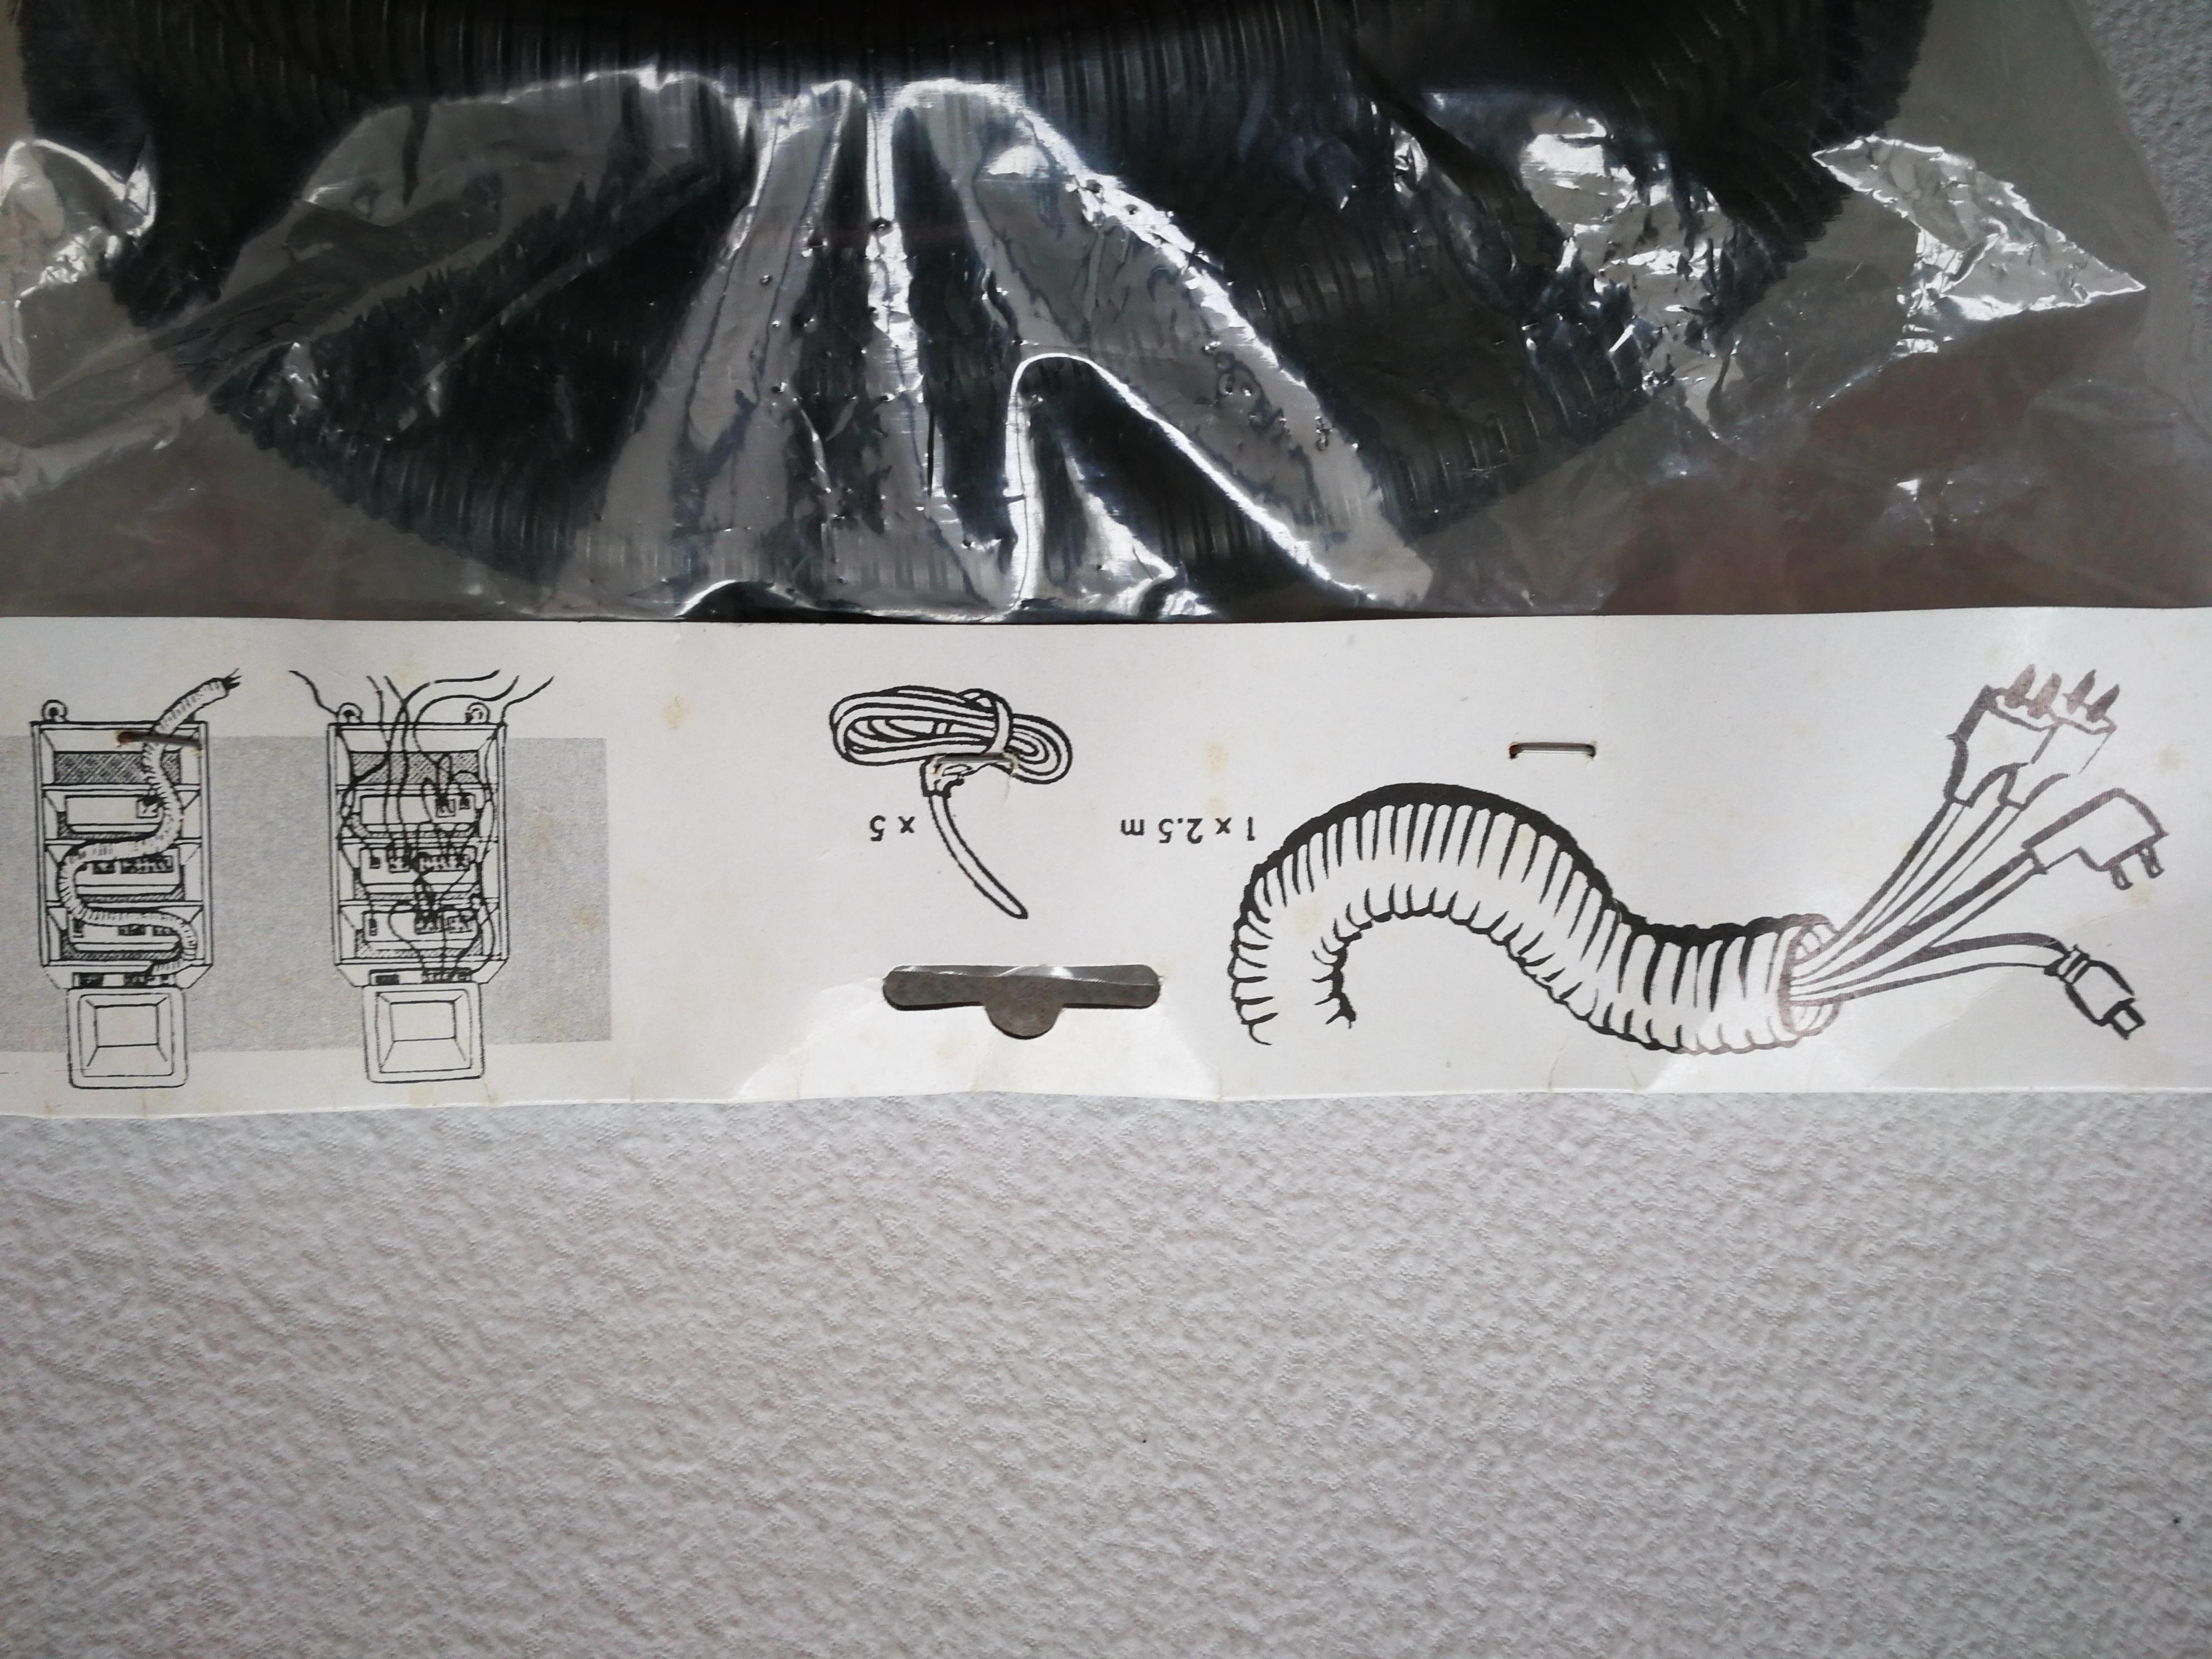 Kabelverbinder Schlauch Ikea kostenlos